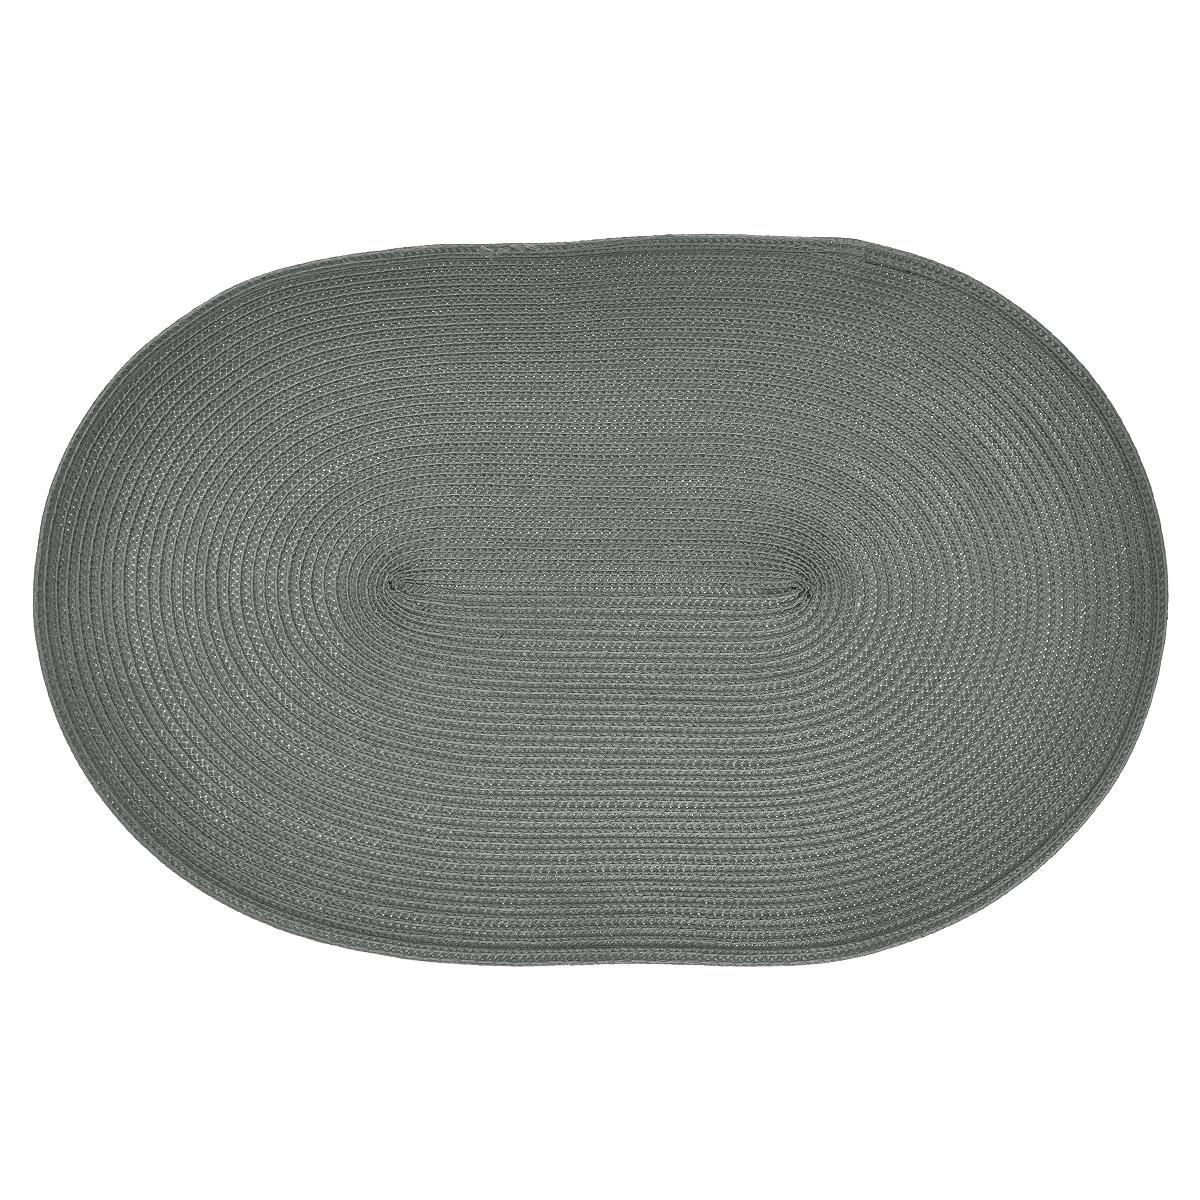 Салфетка для кухни Loks, цвет: серый, 30 см х 45 см. P400-117